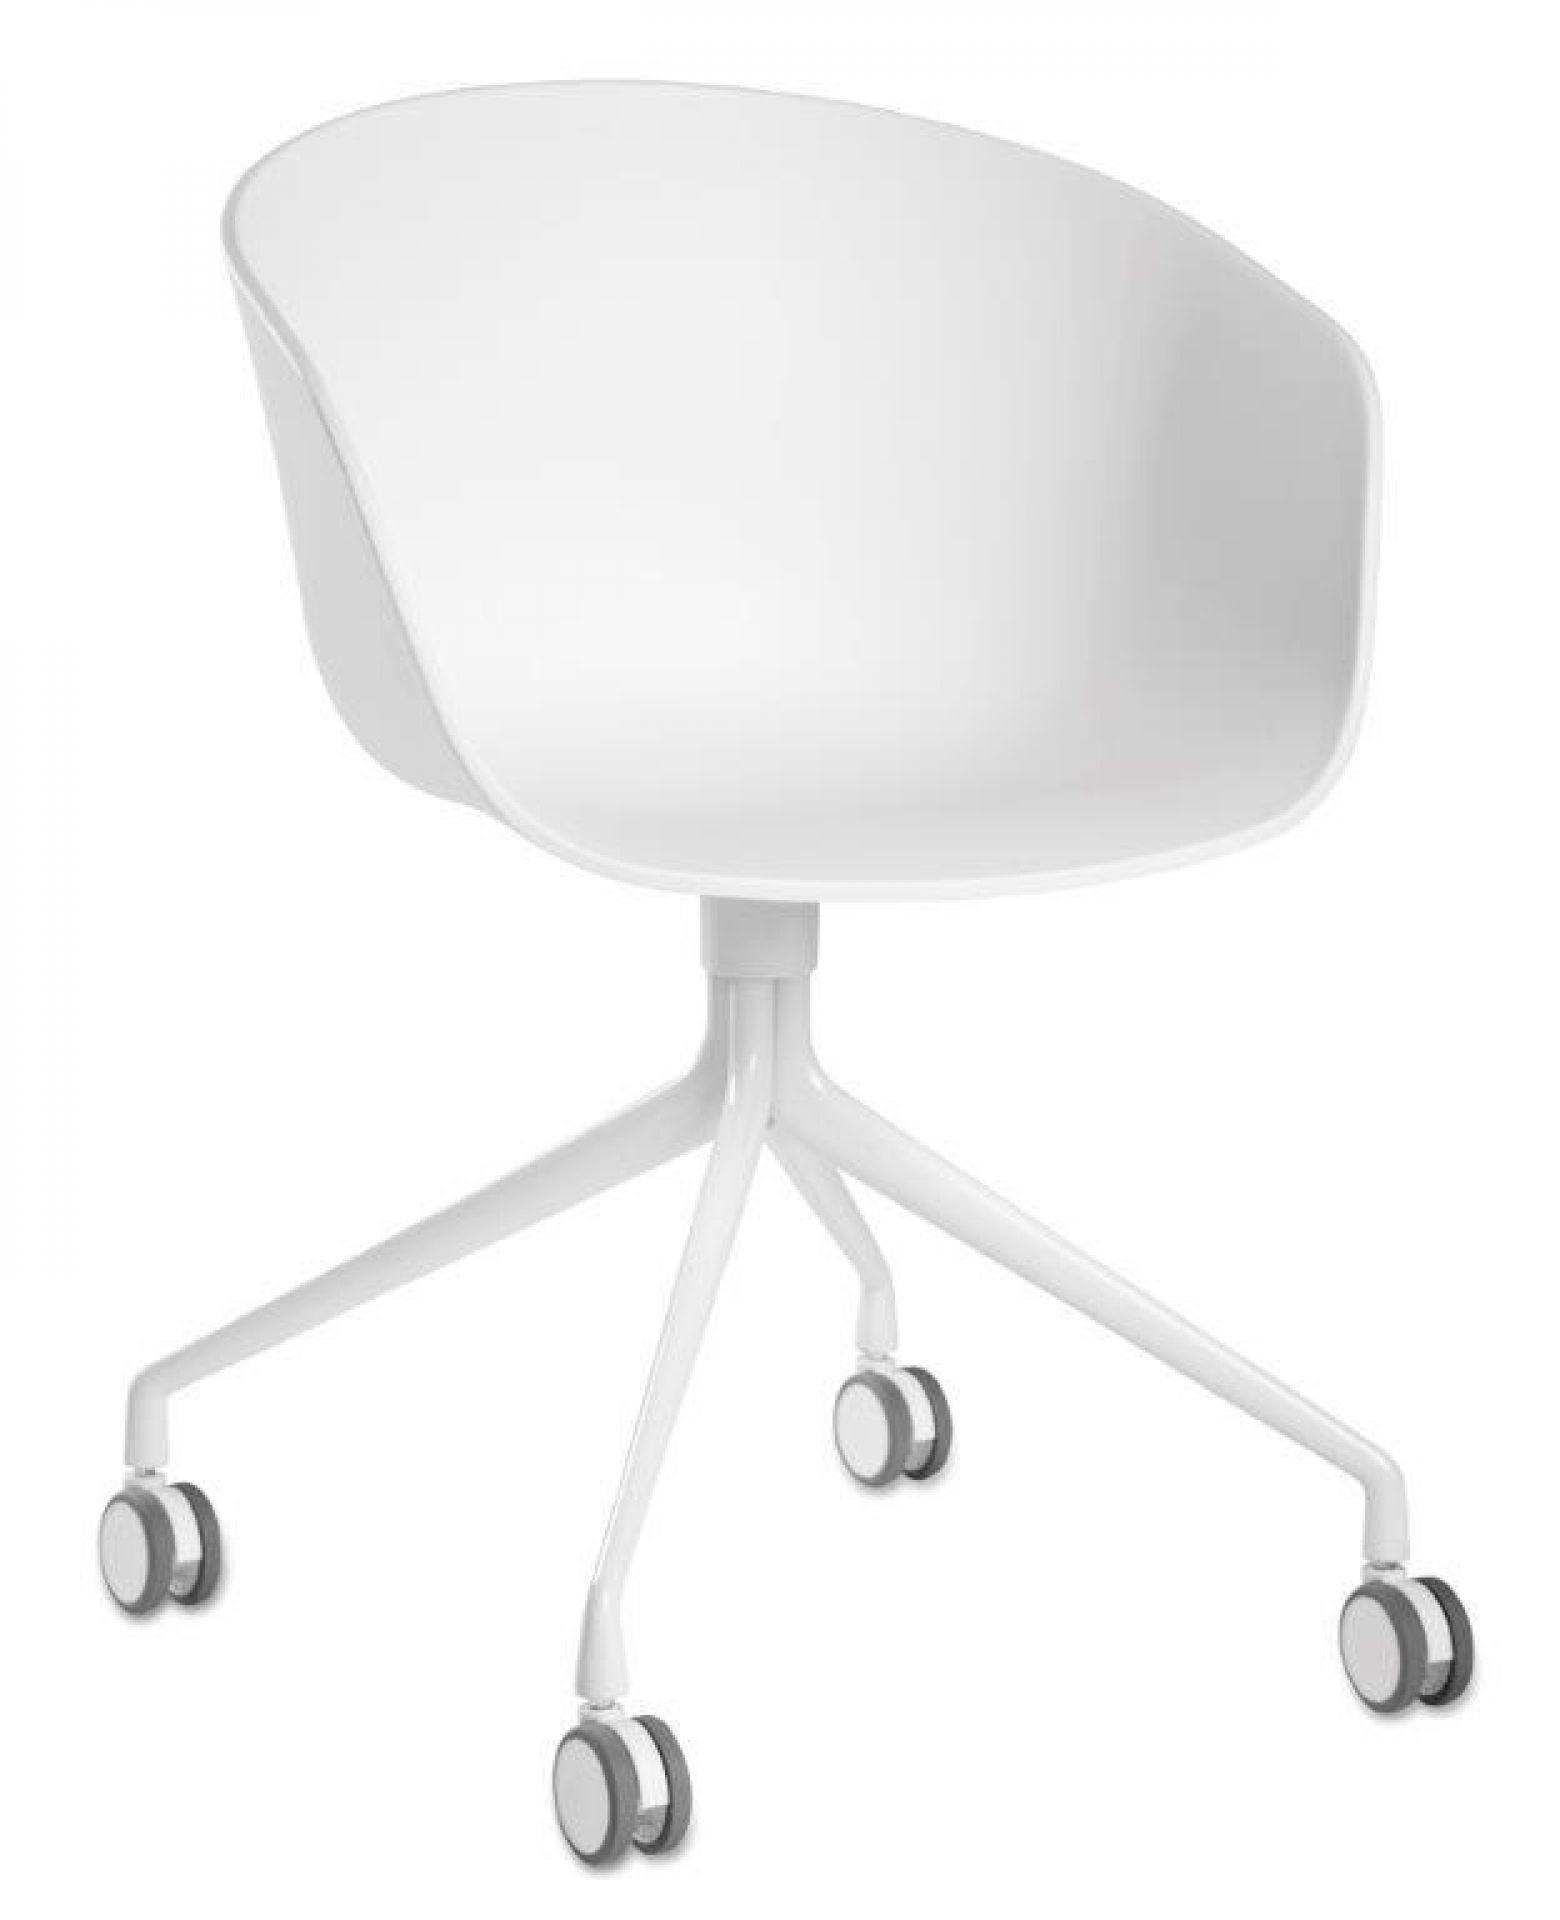 About A Chair AAC24 / AAC 24 Stuhl Weiss - Weiss pulverbeschichtet Hay